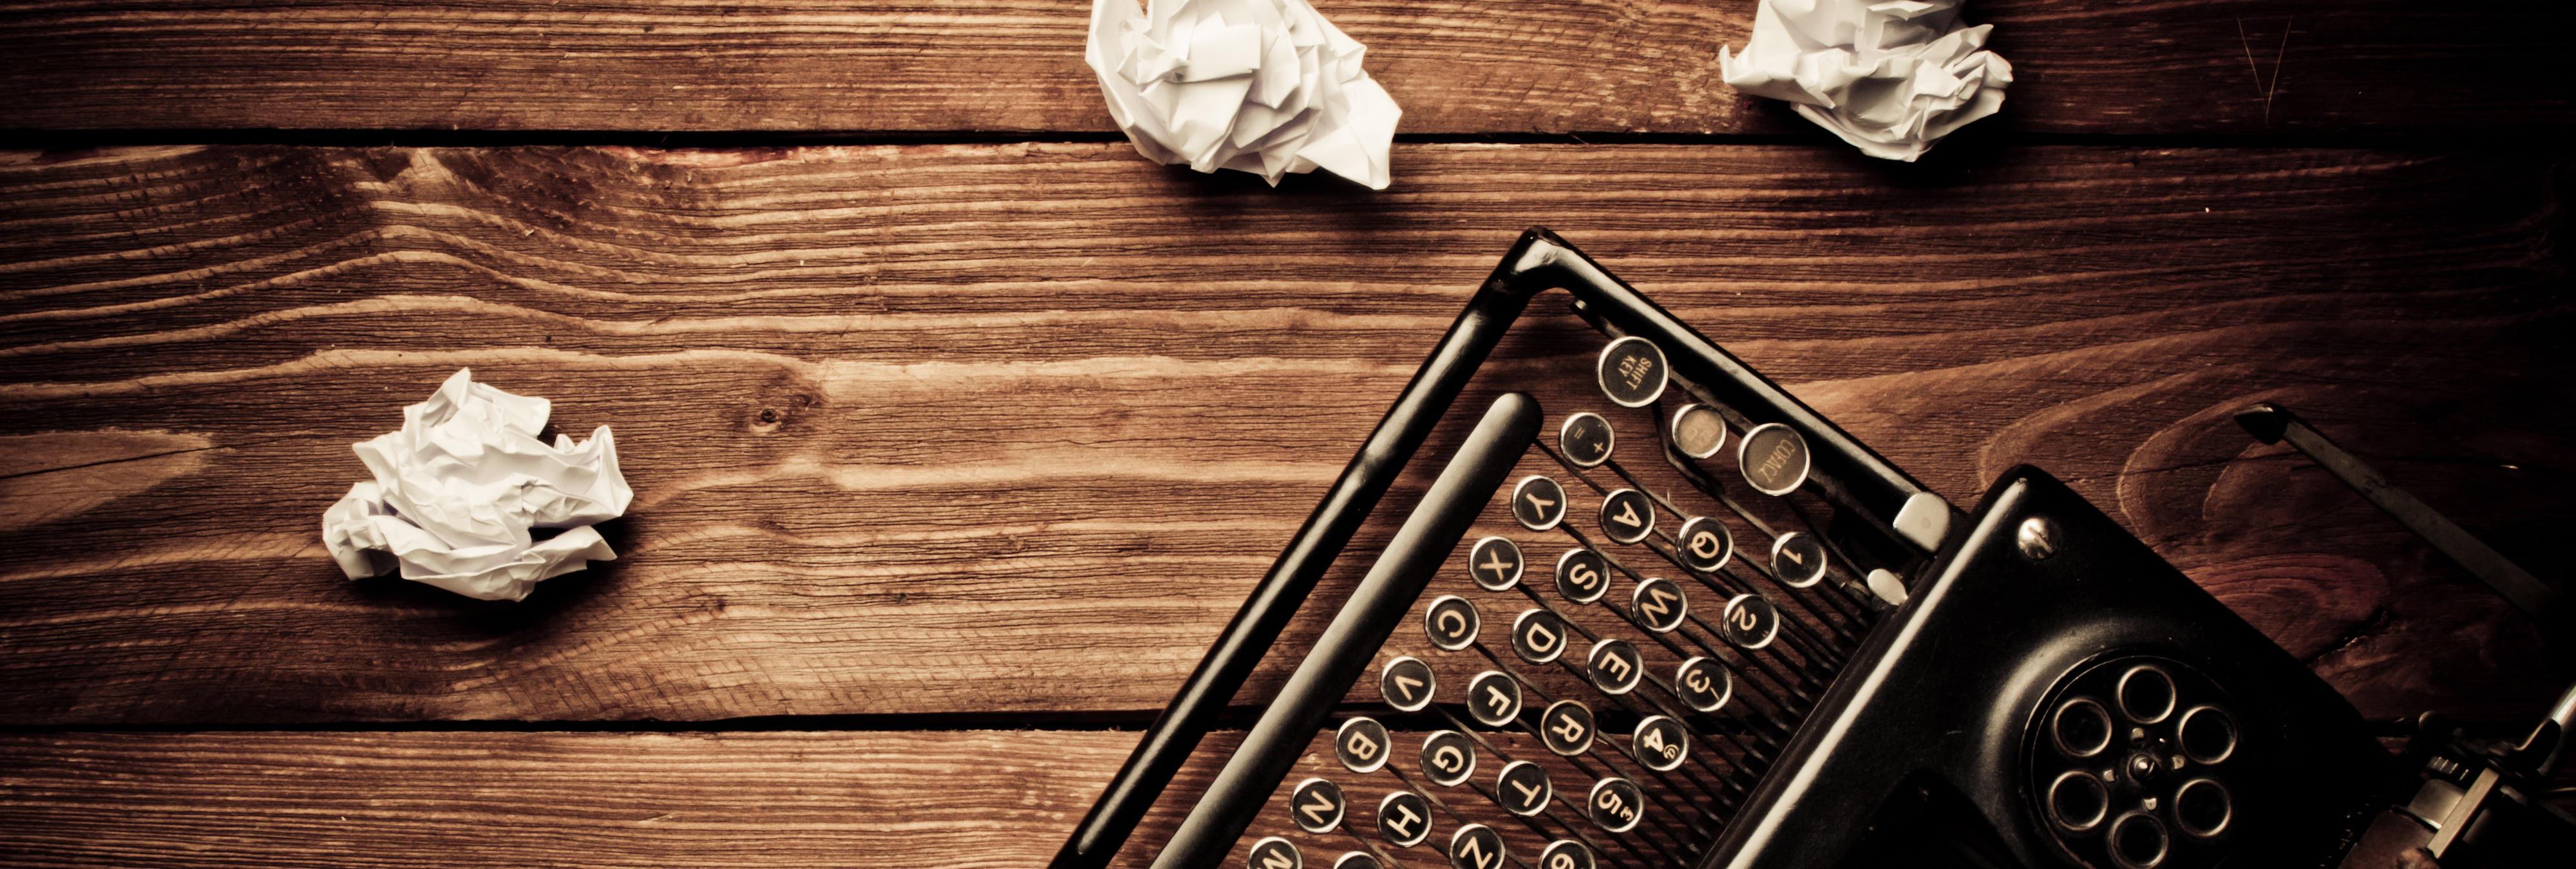 6 realidades a las que debes acostumbrarte si trabajas desde casa